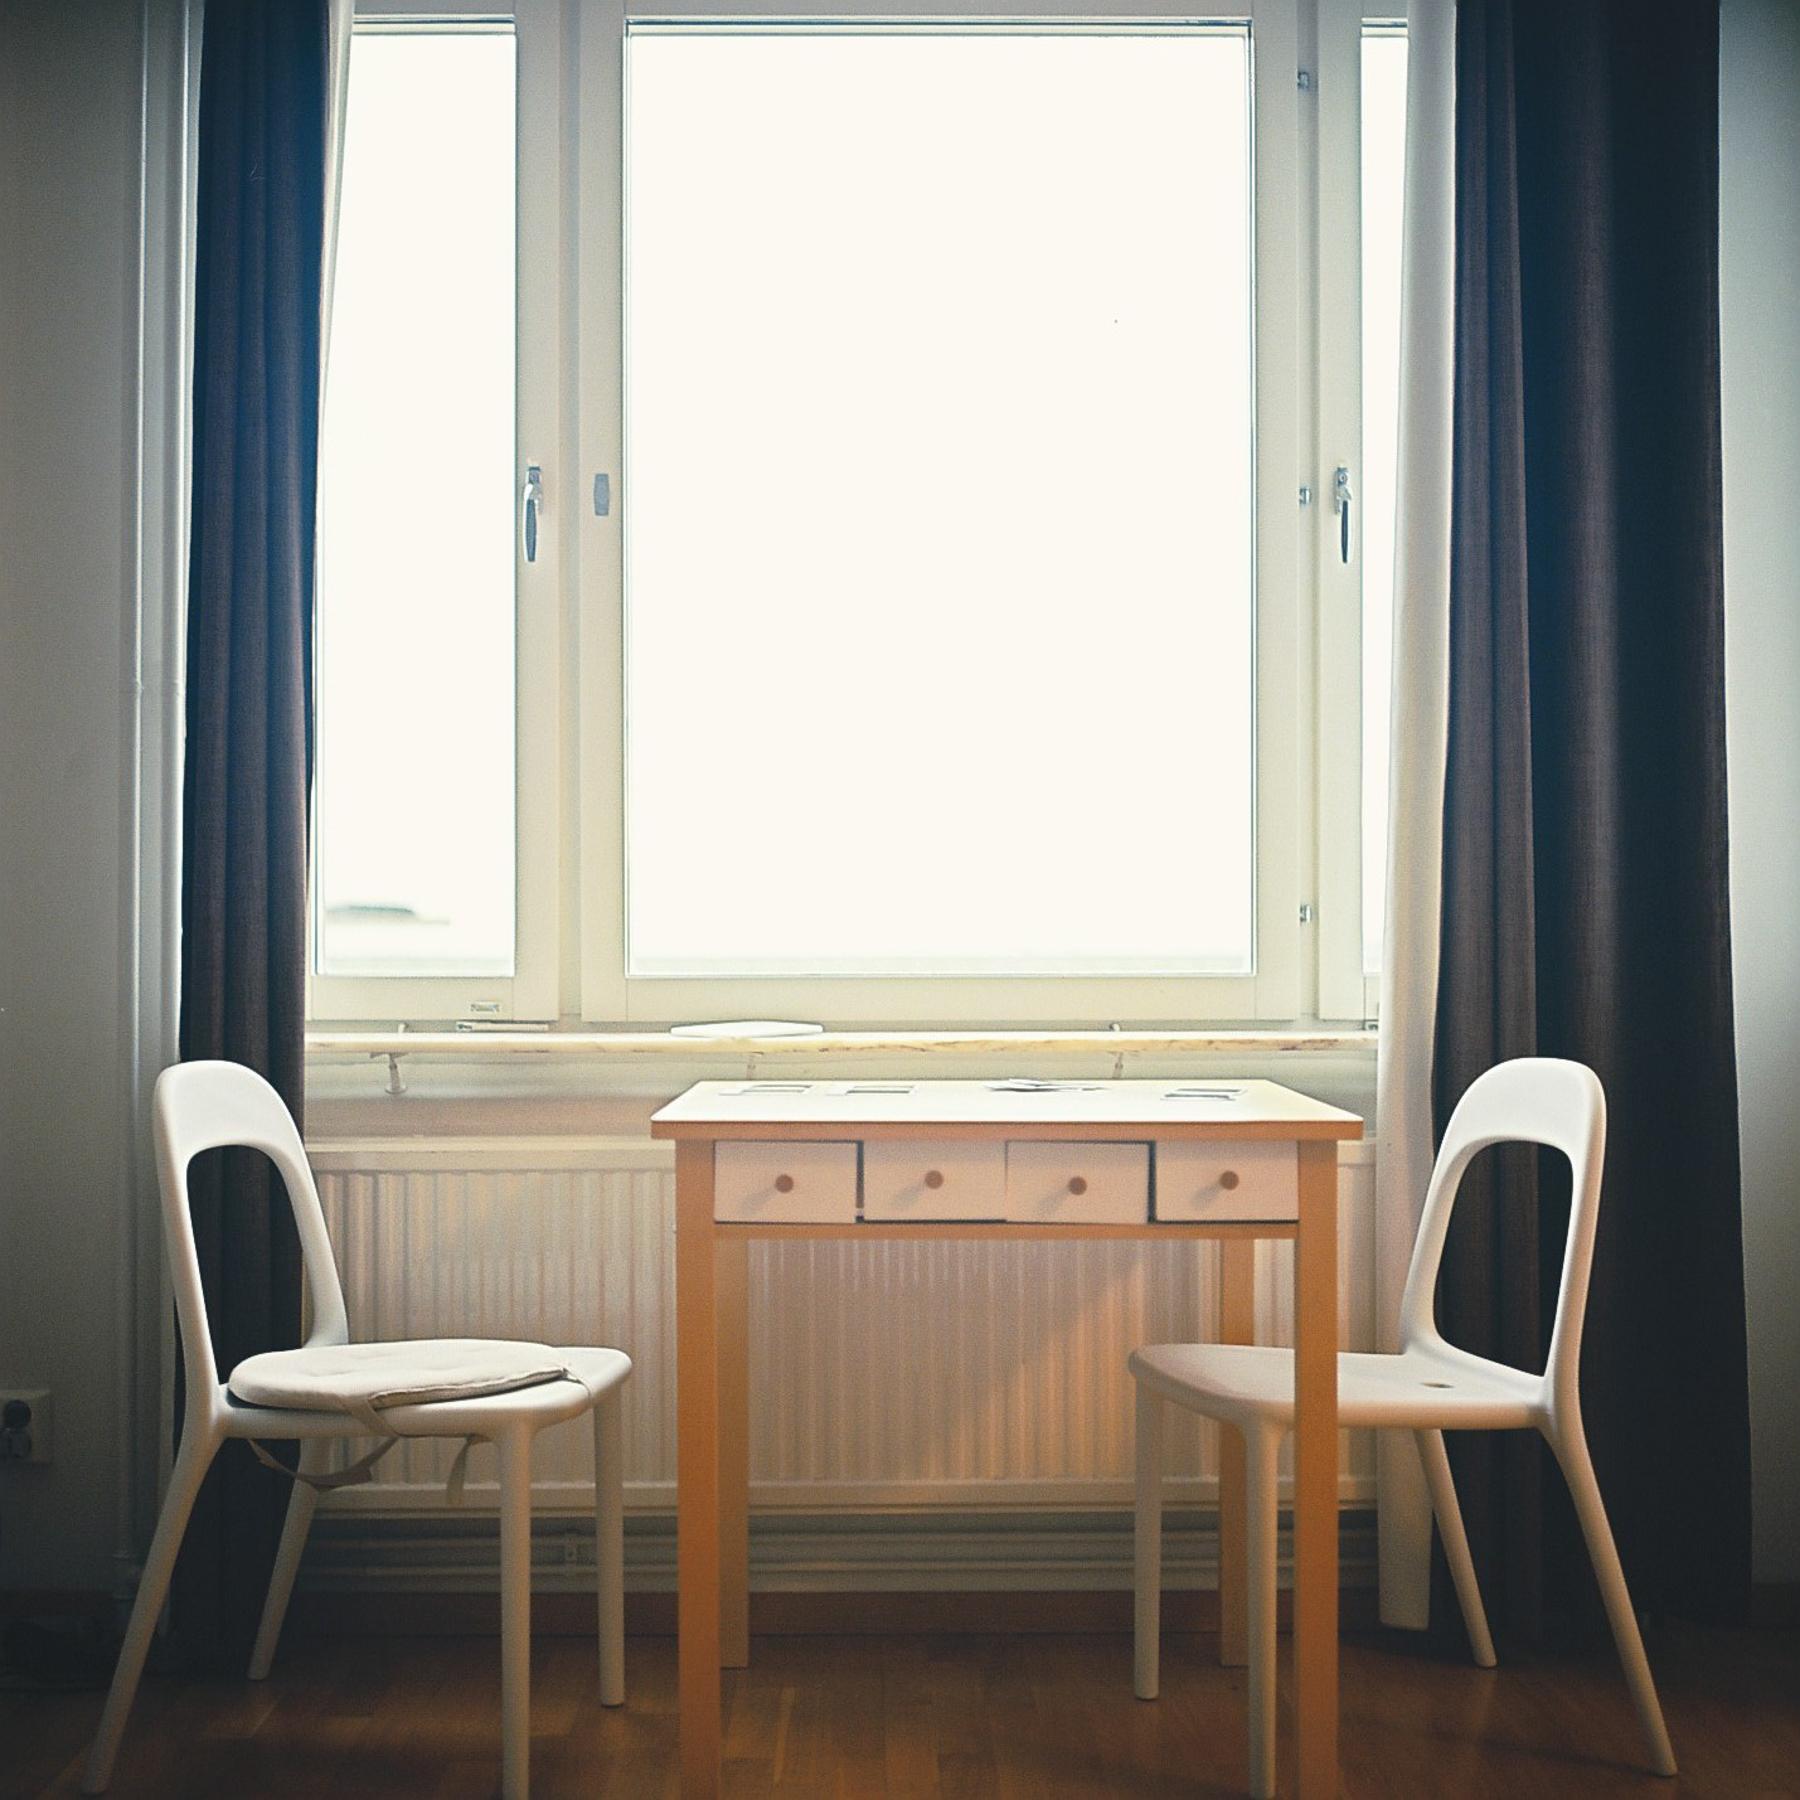 home |Rolleiflex 2.8F | Ektar 100 |Phoenie Chen